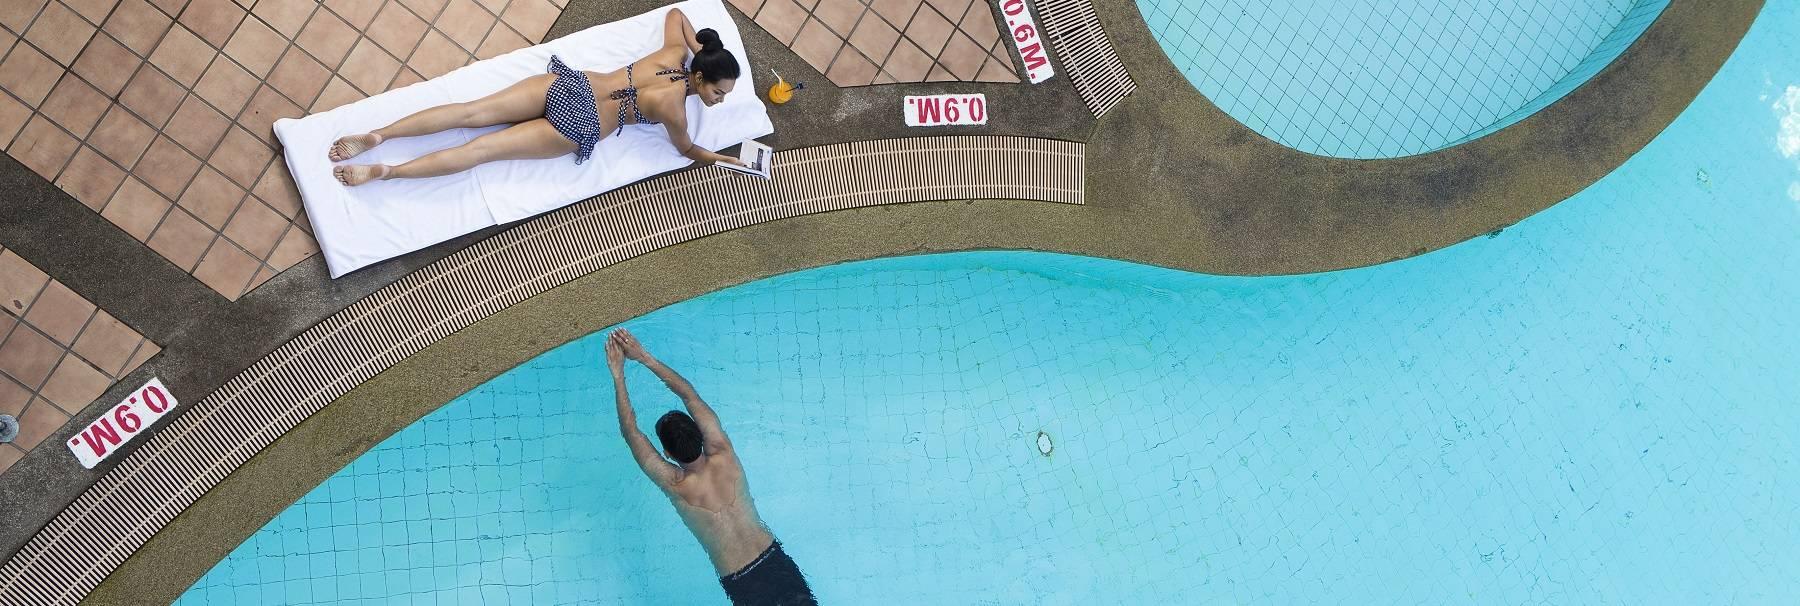 splash-poolside